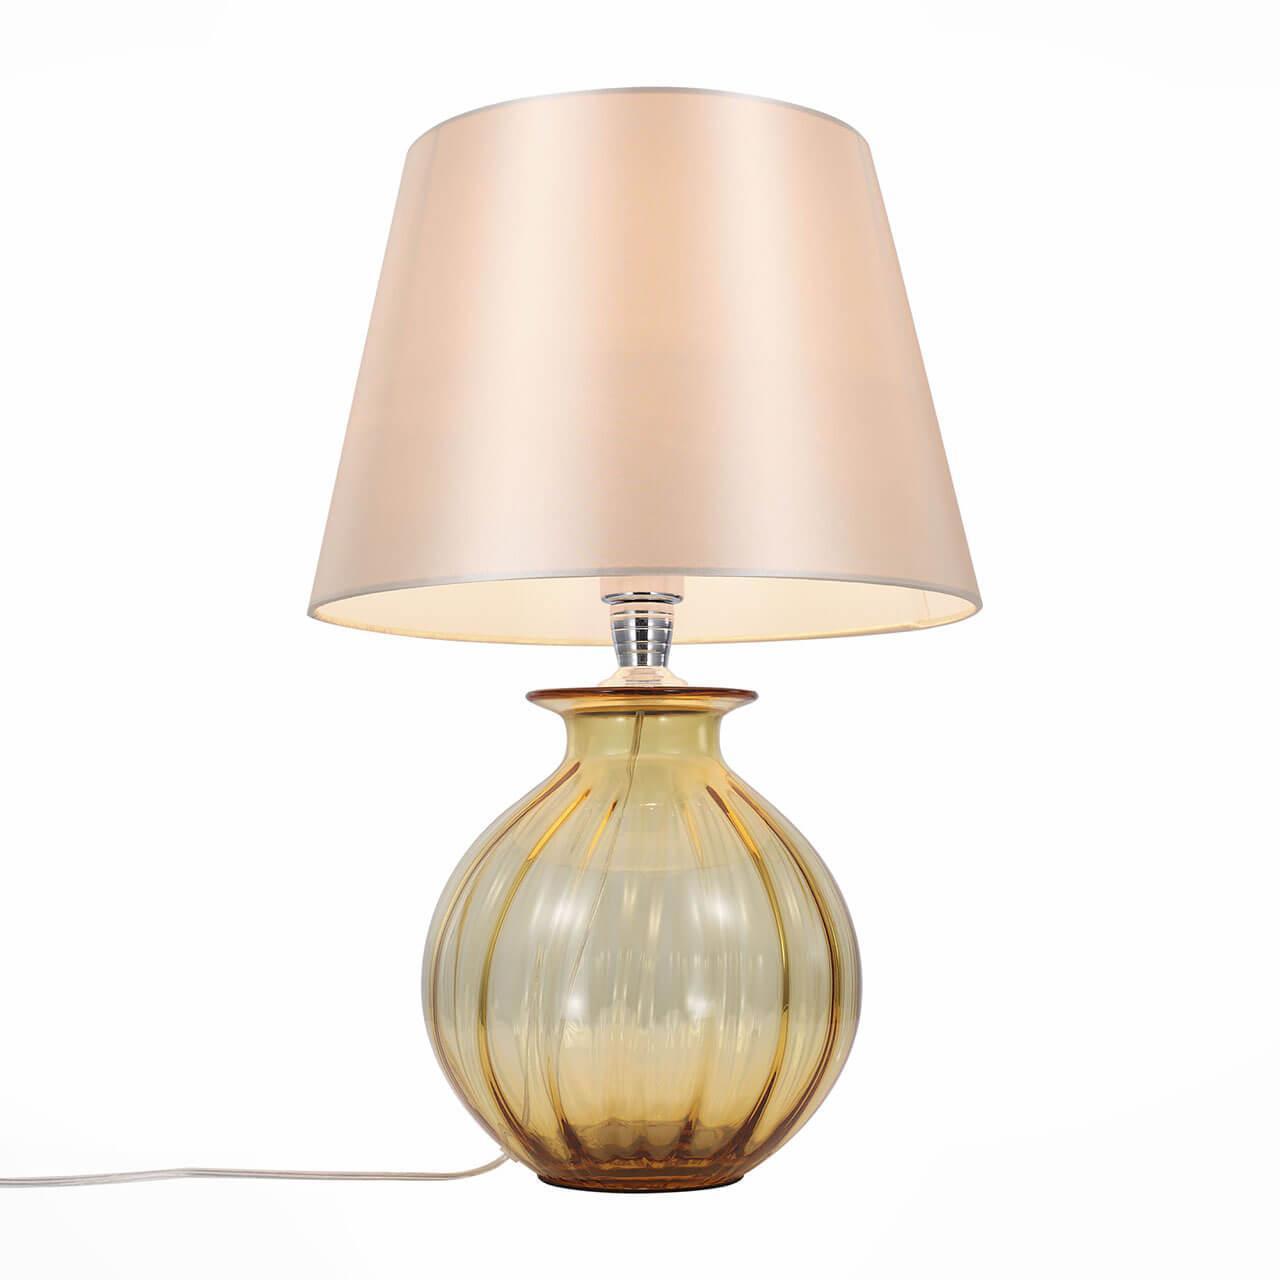 Настольный светильник ST Luce SL968.904.01, E27, 60 Вт лампа настольная декоративная st luce calma sl968 604 01